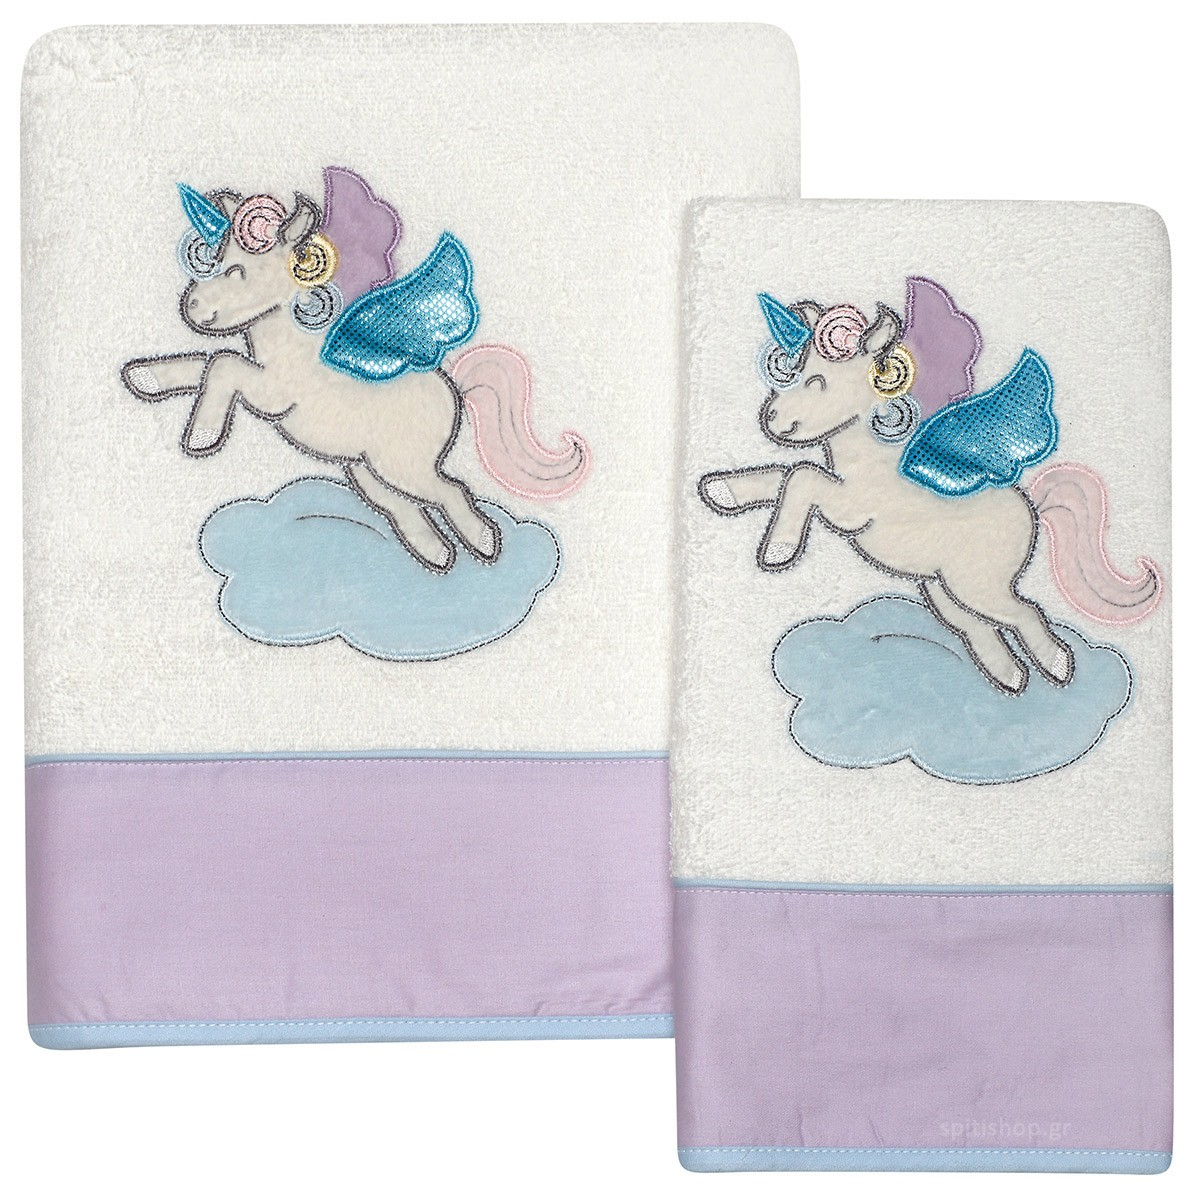 Βρεφικές Πετσέτες (Σετ 2τμχ) Das Home Dream Embroidery 6463